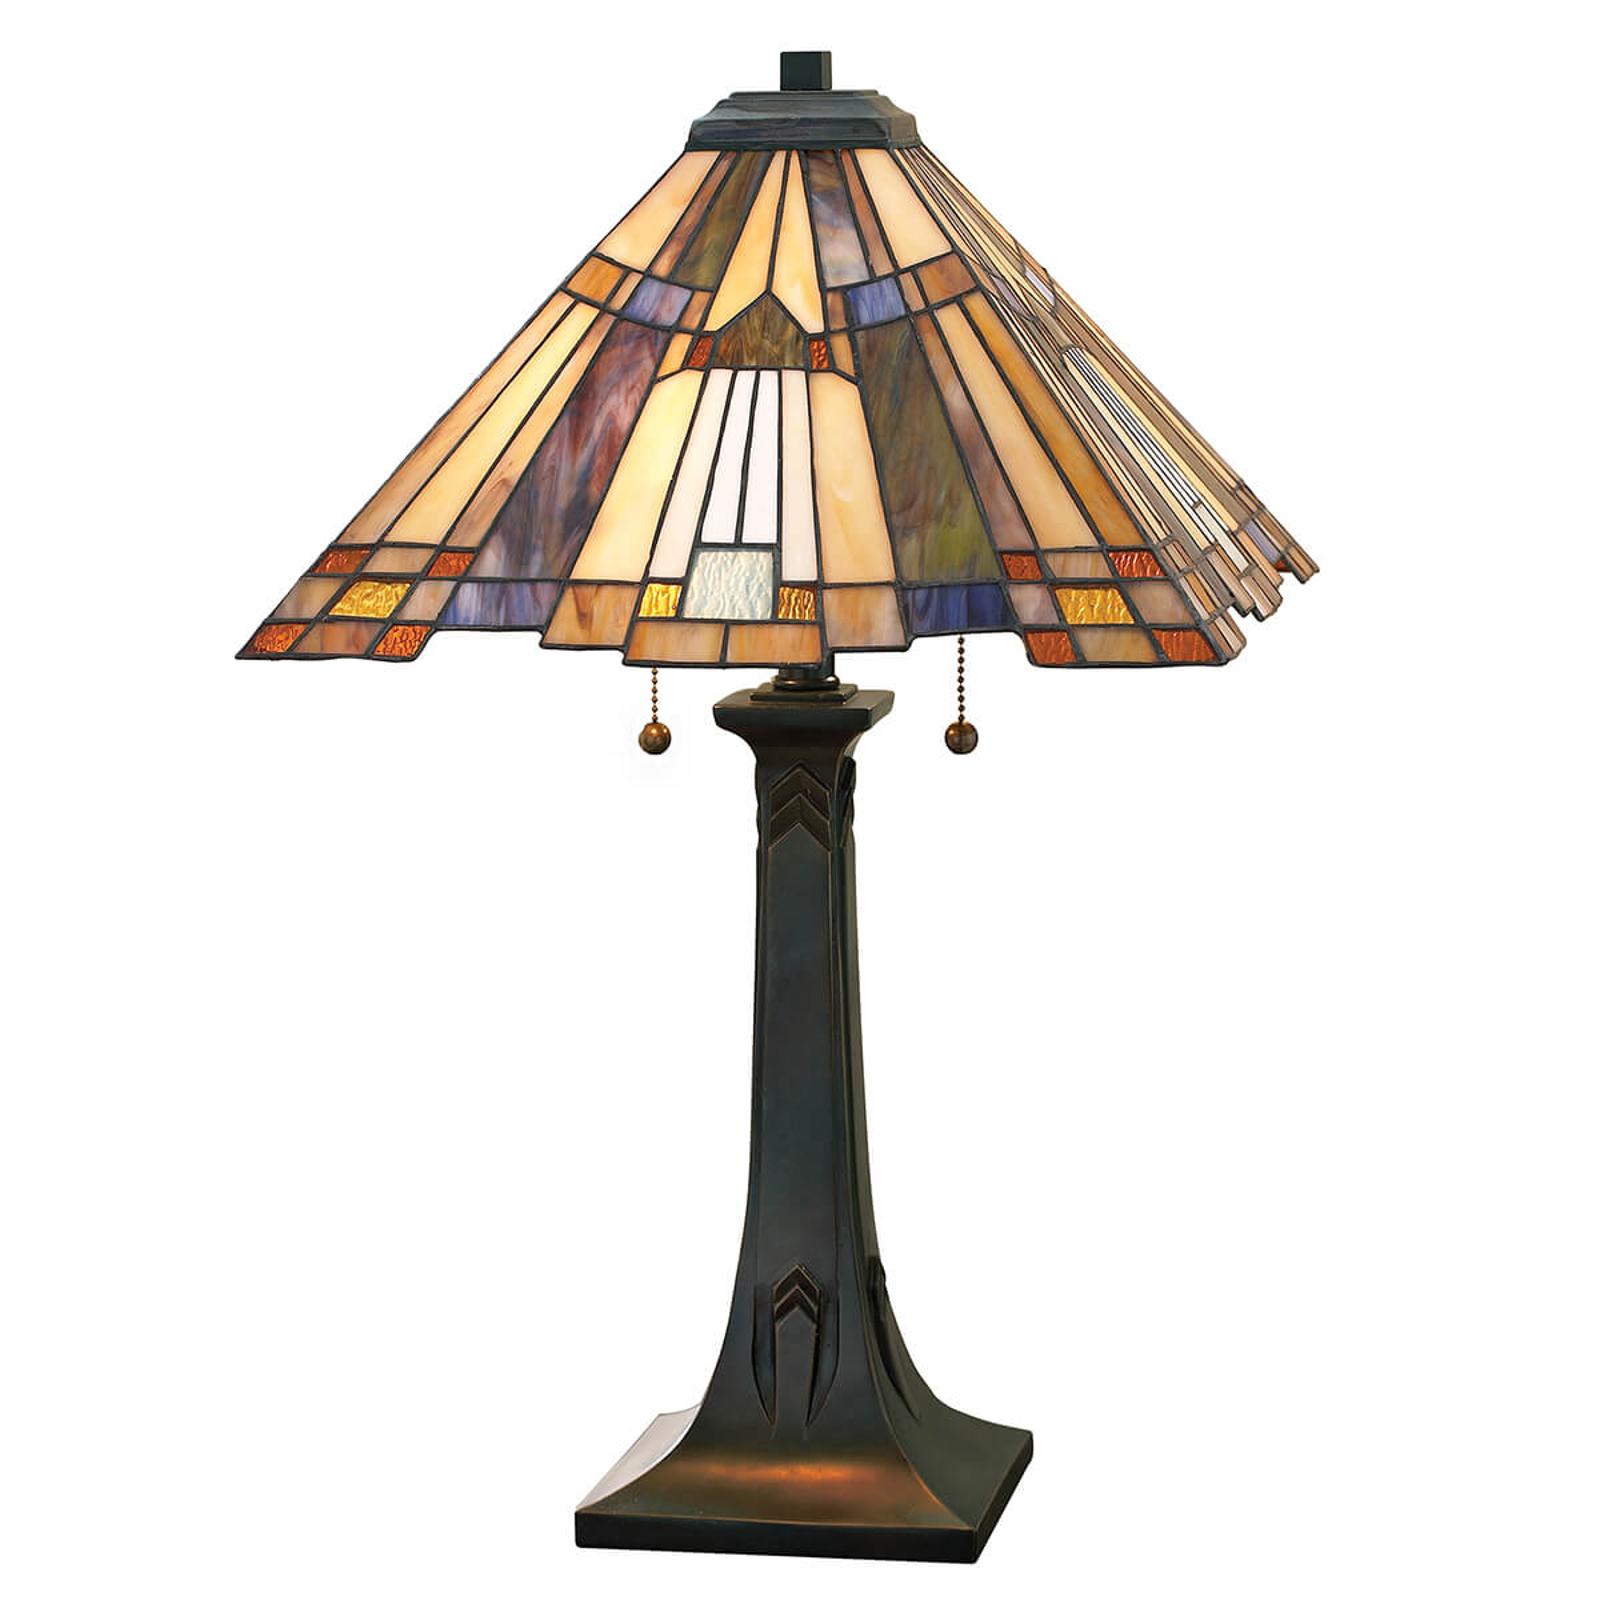 Piękna lampa stołowa Inglenook w stylu Tiffany